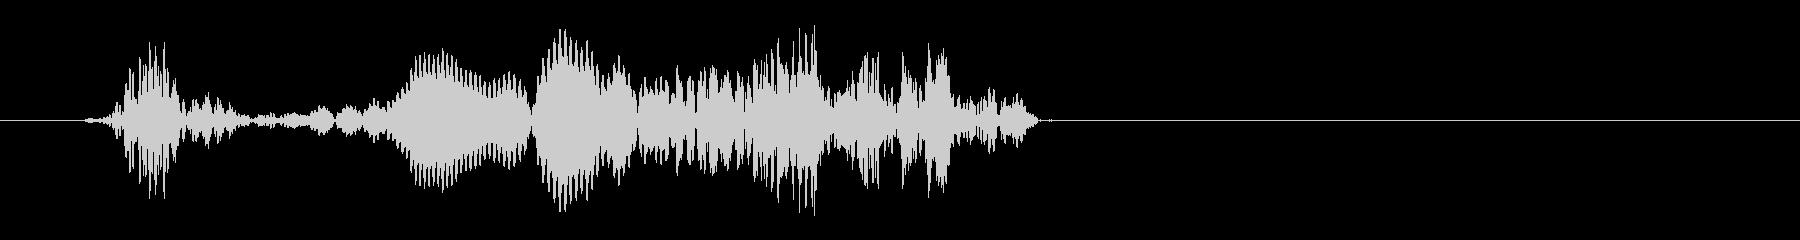 クェッ(キモかわいい小動物の鳴き声)の未再生の波形